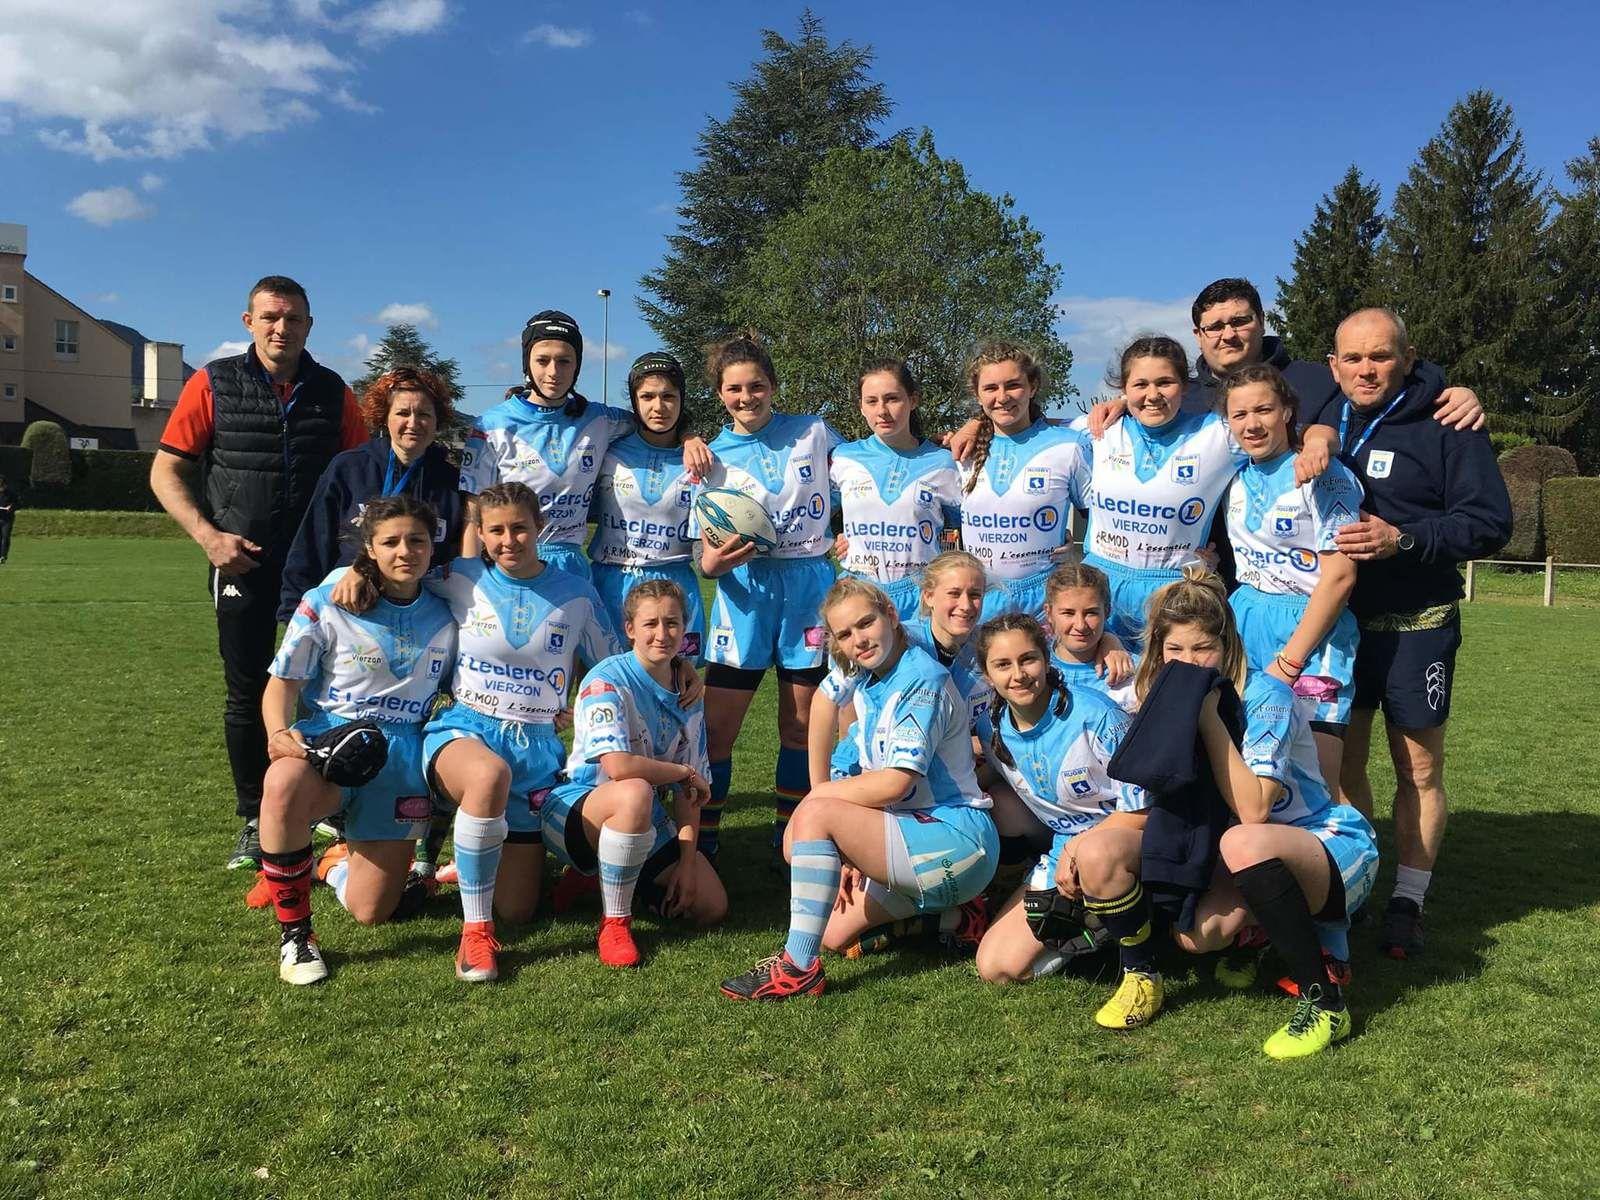 Bravo aux Vaillantes pour leur parcours en championnat de France de rugby des lycées